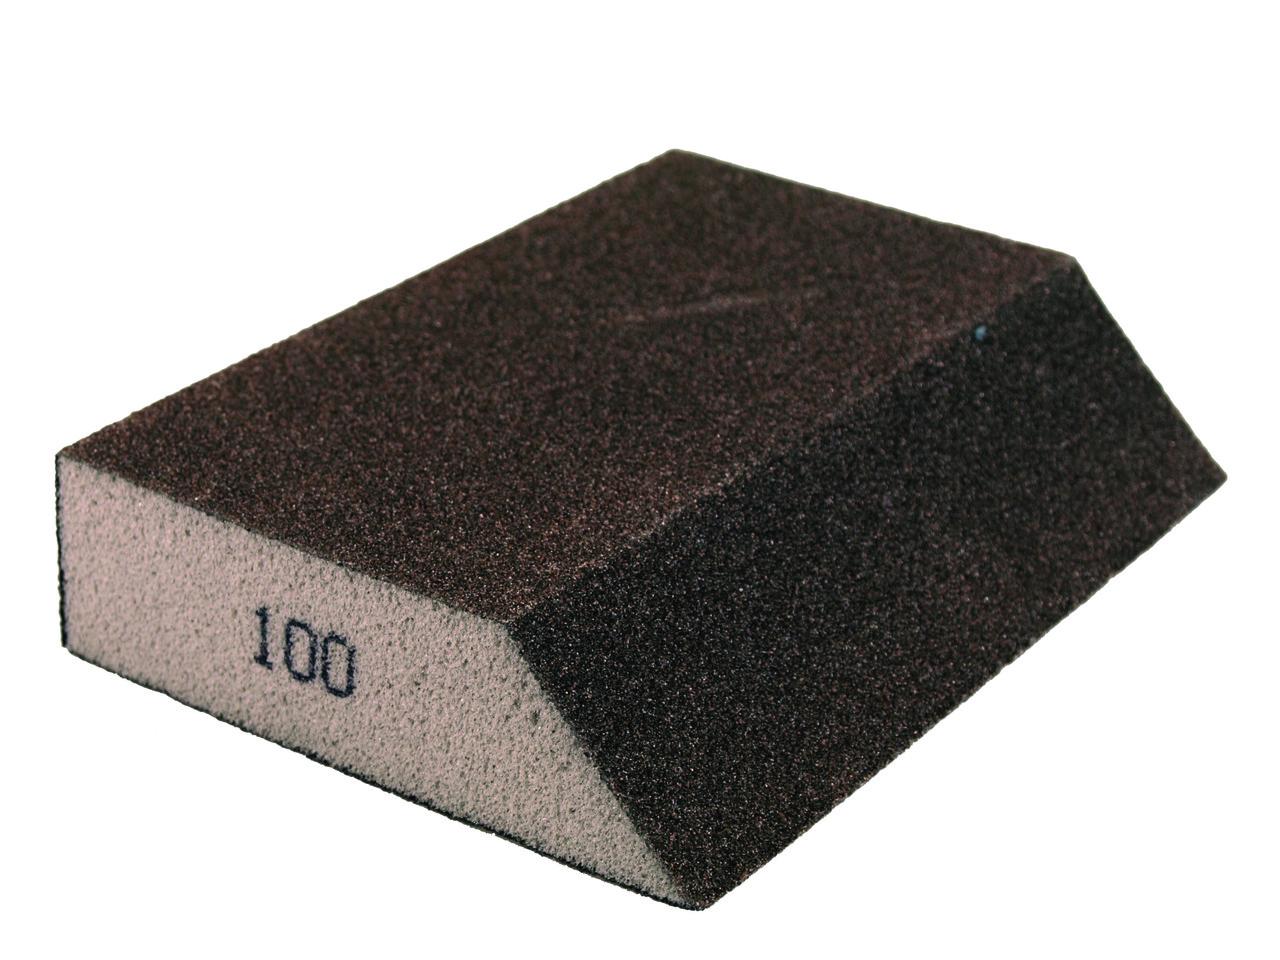 Брусок шліфувальний гострокутний 220 KLO1077 PAINTER   /100шт/